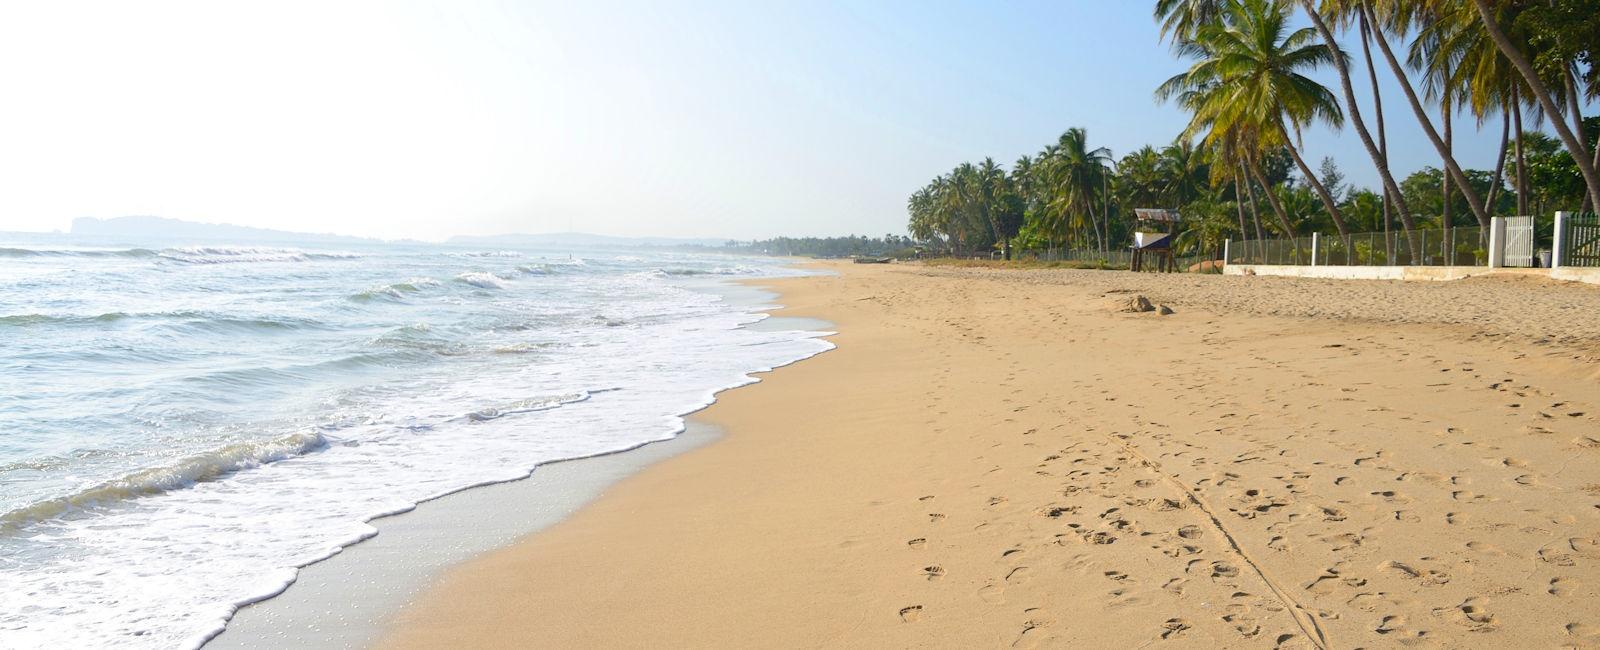 East Coast Sri Lanka beach